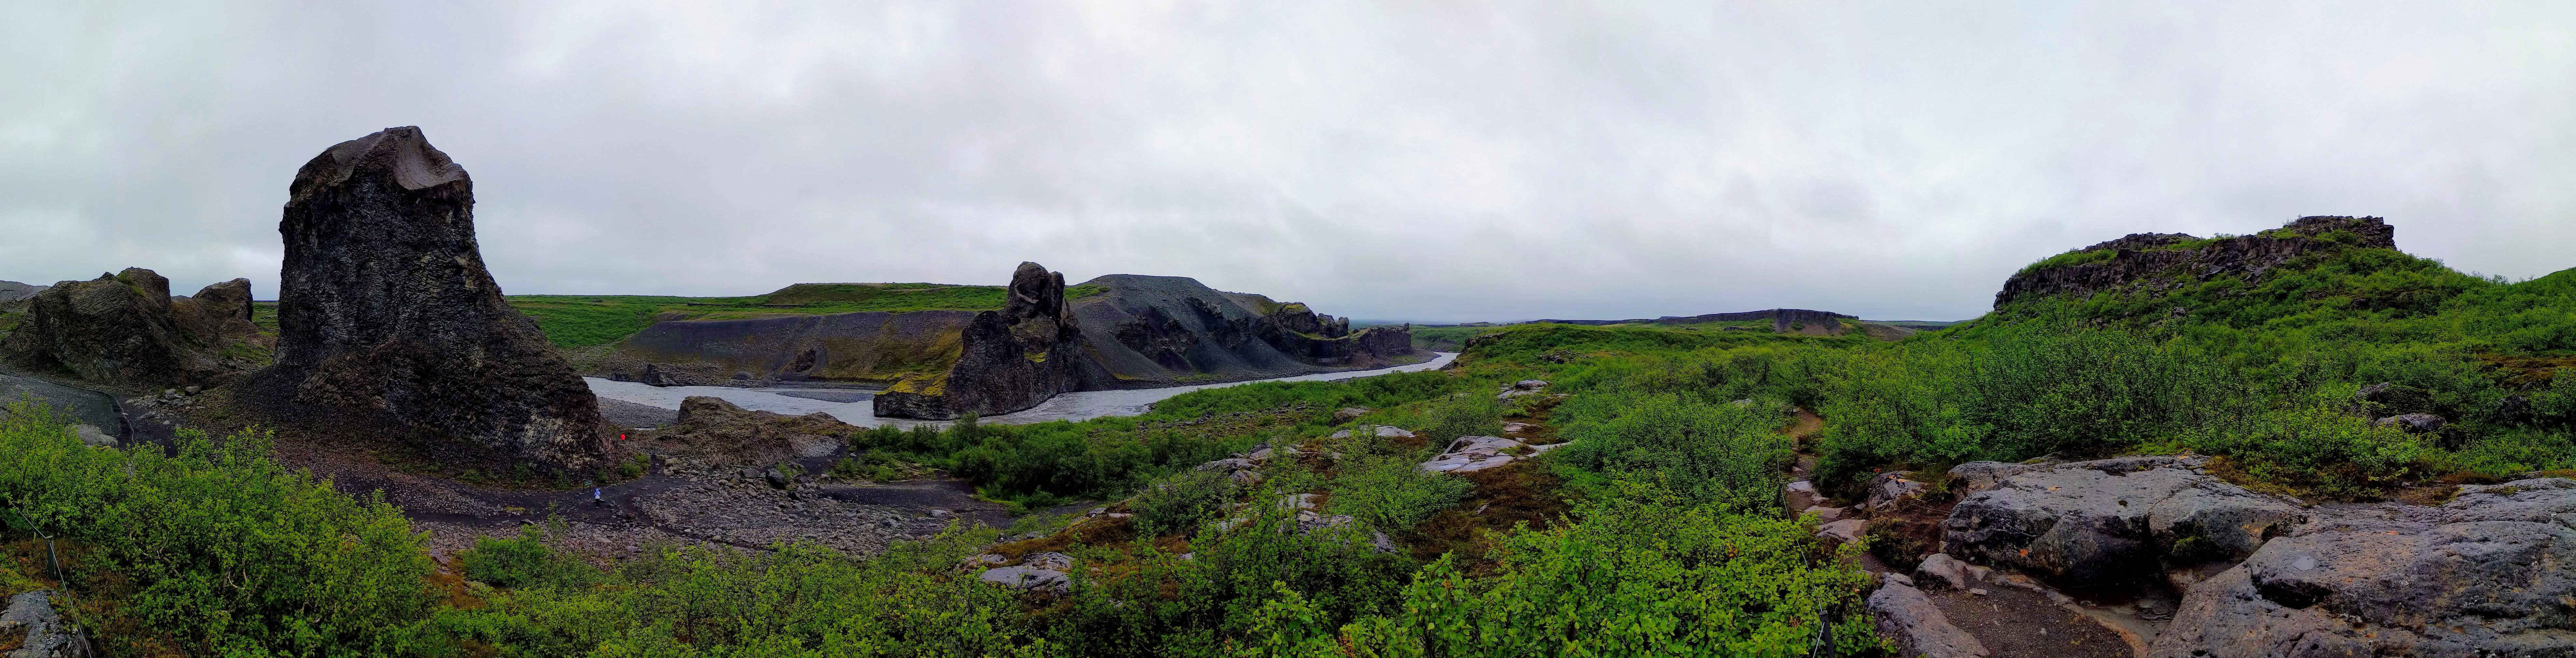 Skalní útvary u řeky Jökulsá á Fjöllum